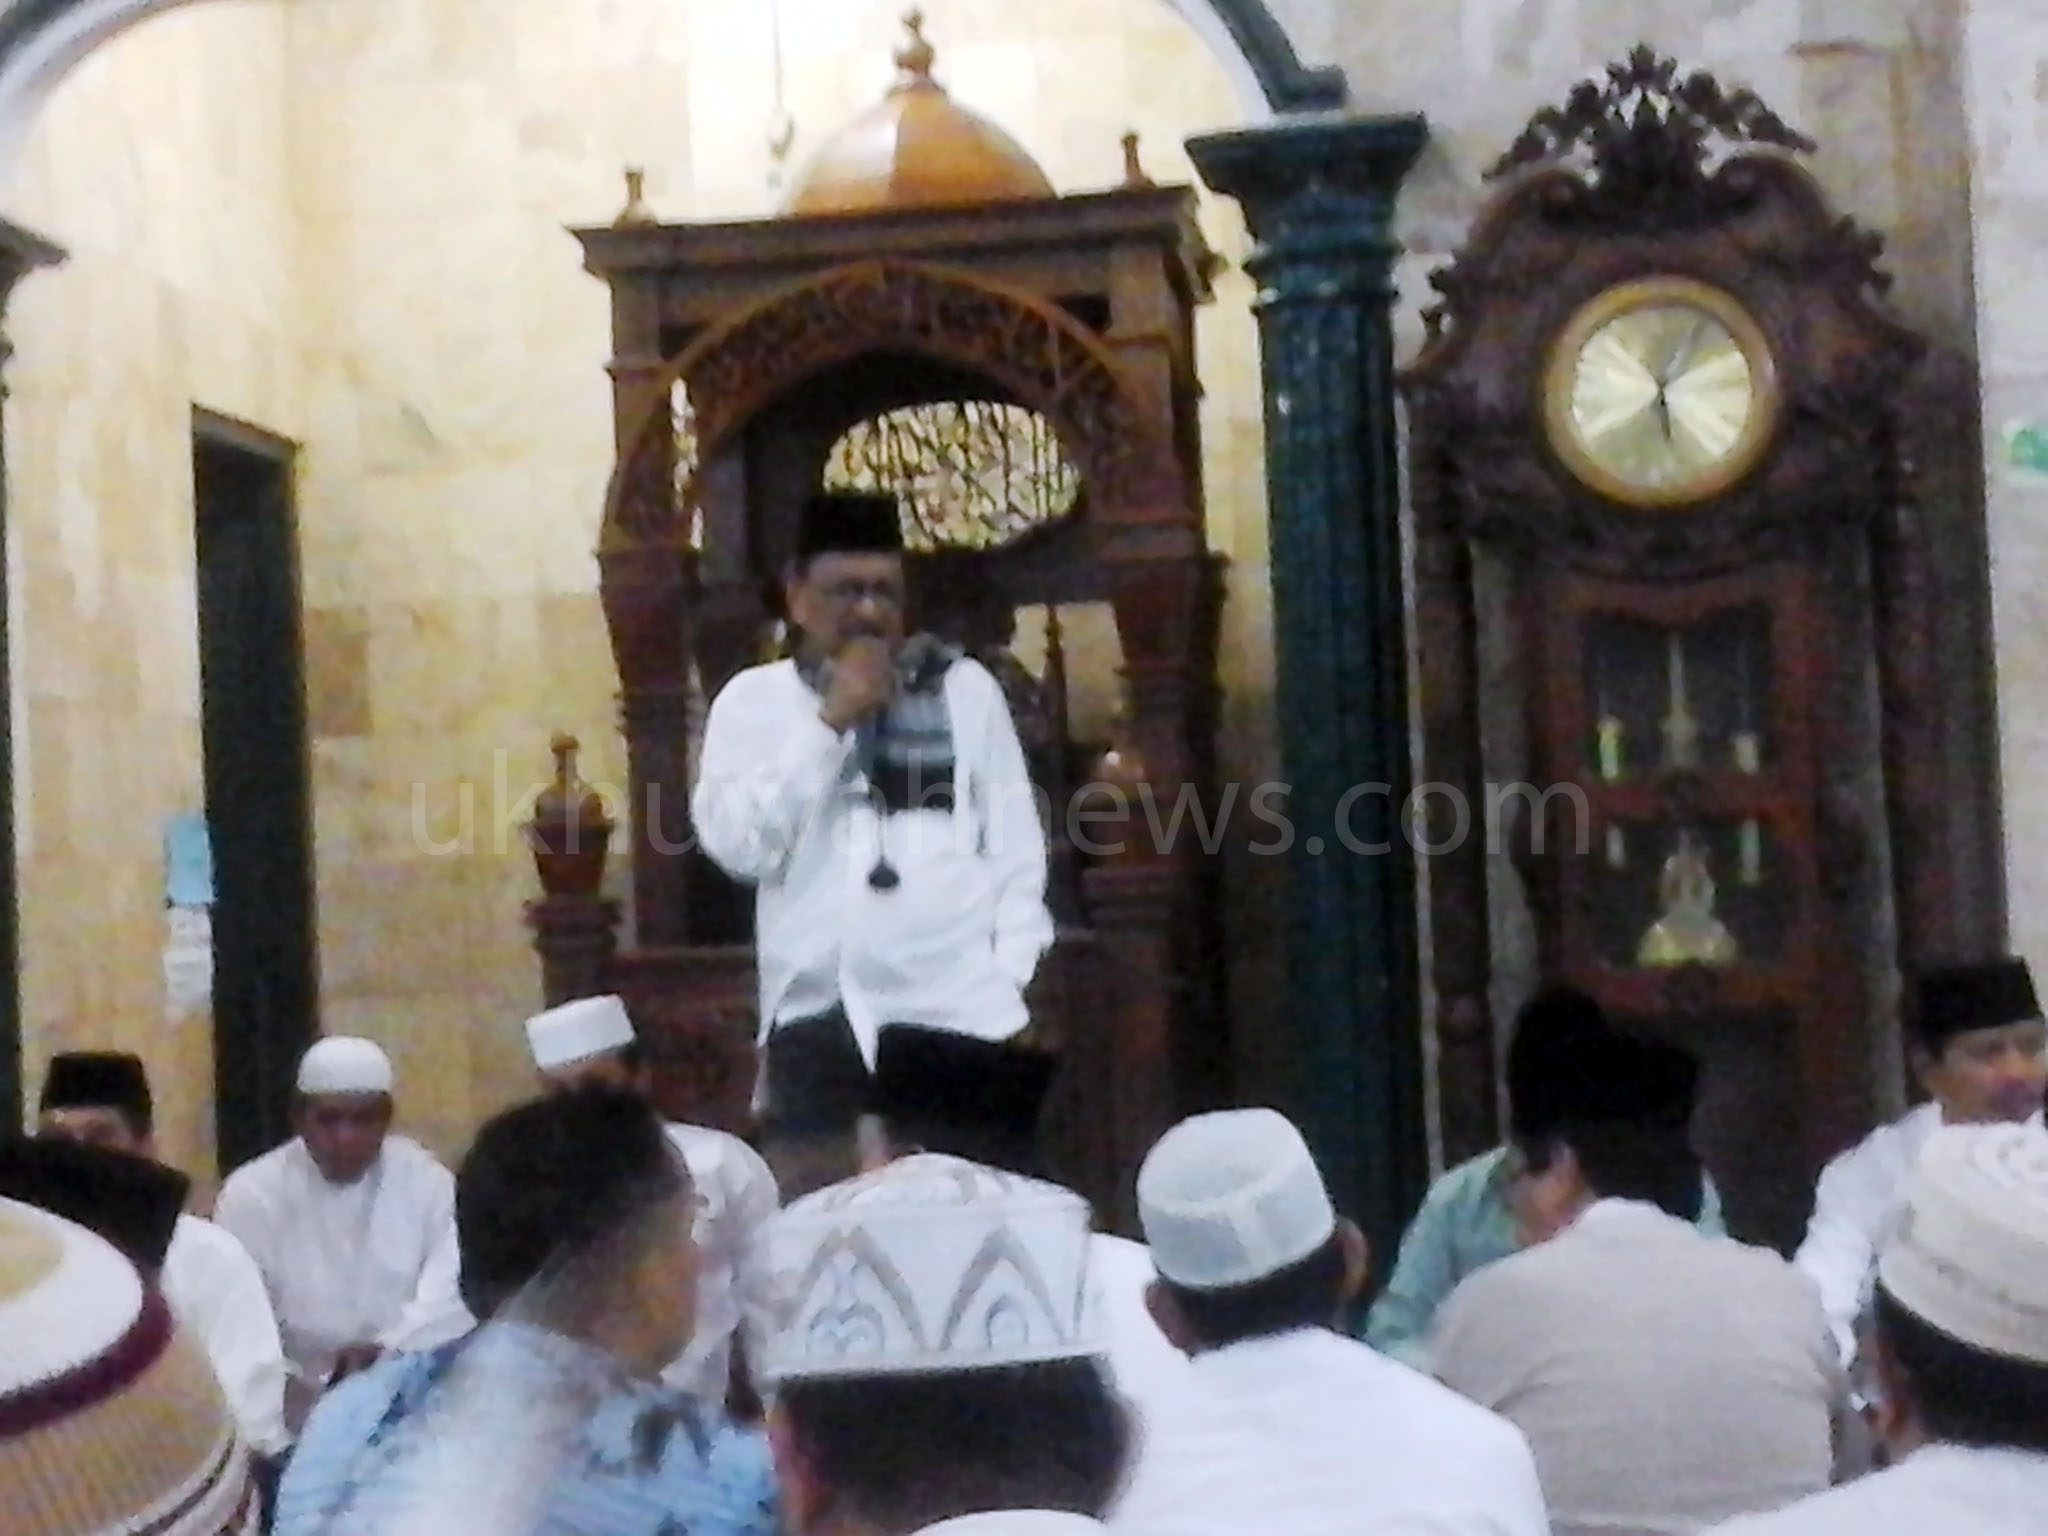 Prof. Dr. H. Romli, SA M.Ag saat menyampaikan tausyiah pada acara Subuh Berjamaah di Masjid Darul Muttaqin UIN Raden Fatah Palembang. Foto : obi/ukhuwahnews.com